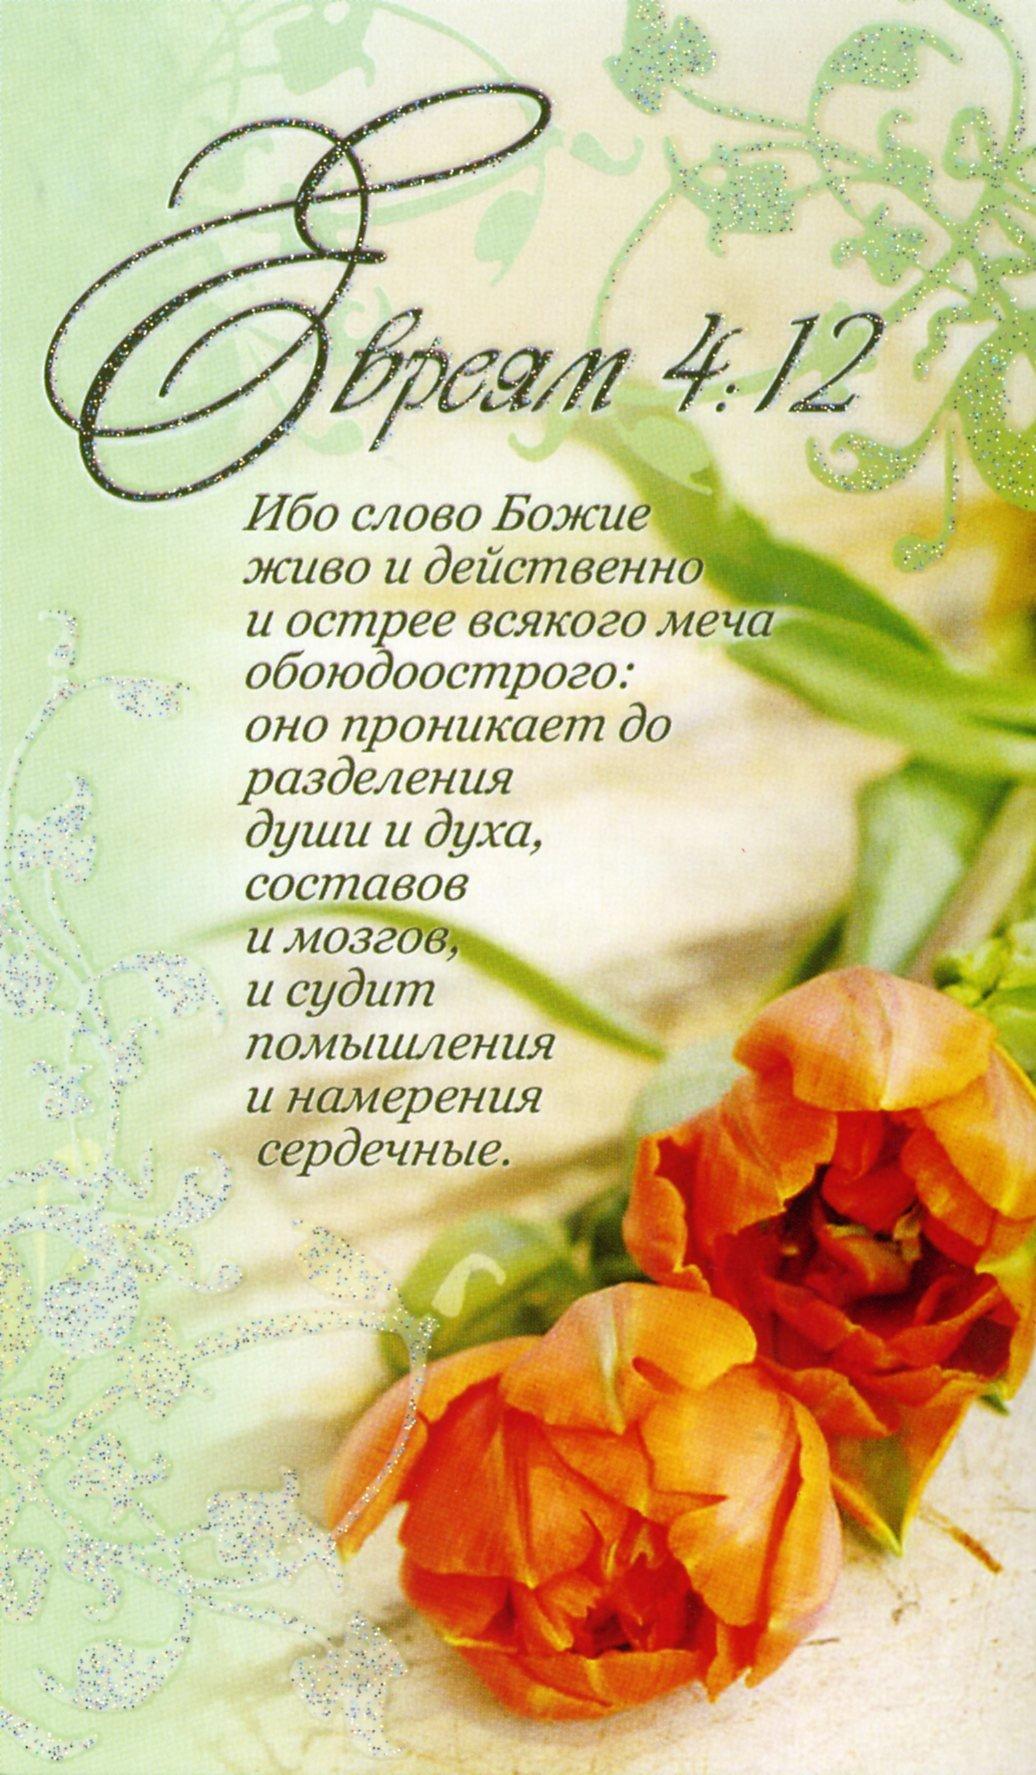 Христианский сайт открытки с цитатами из библии, женщину днем